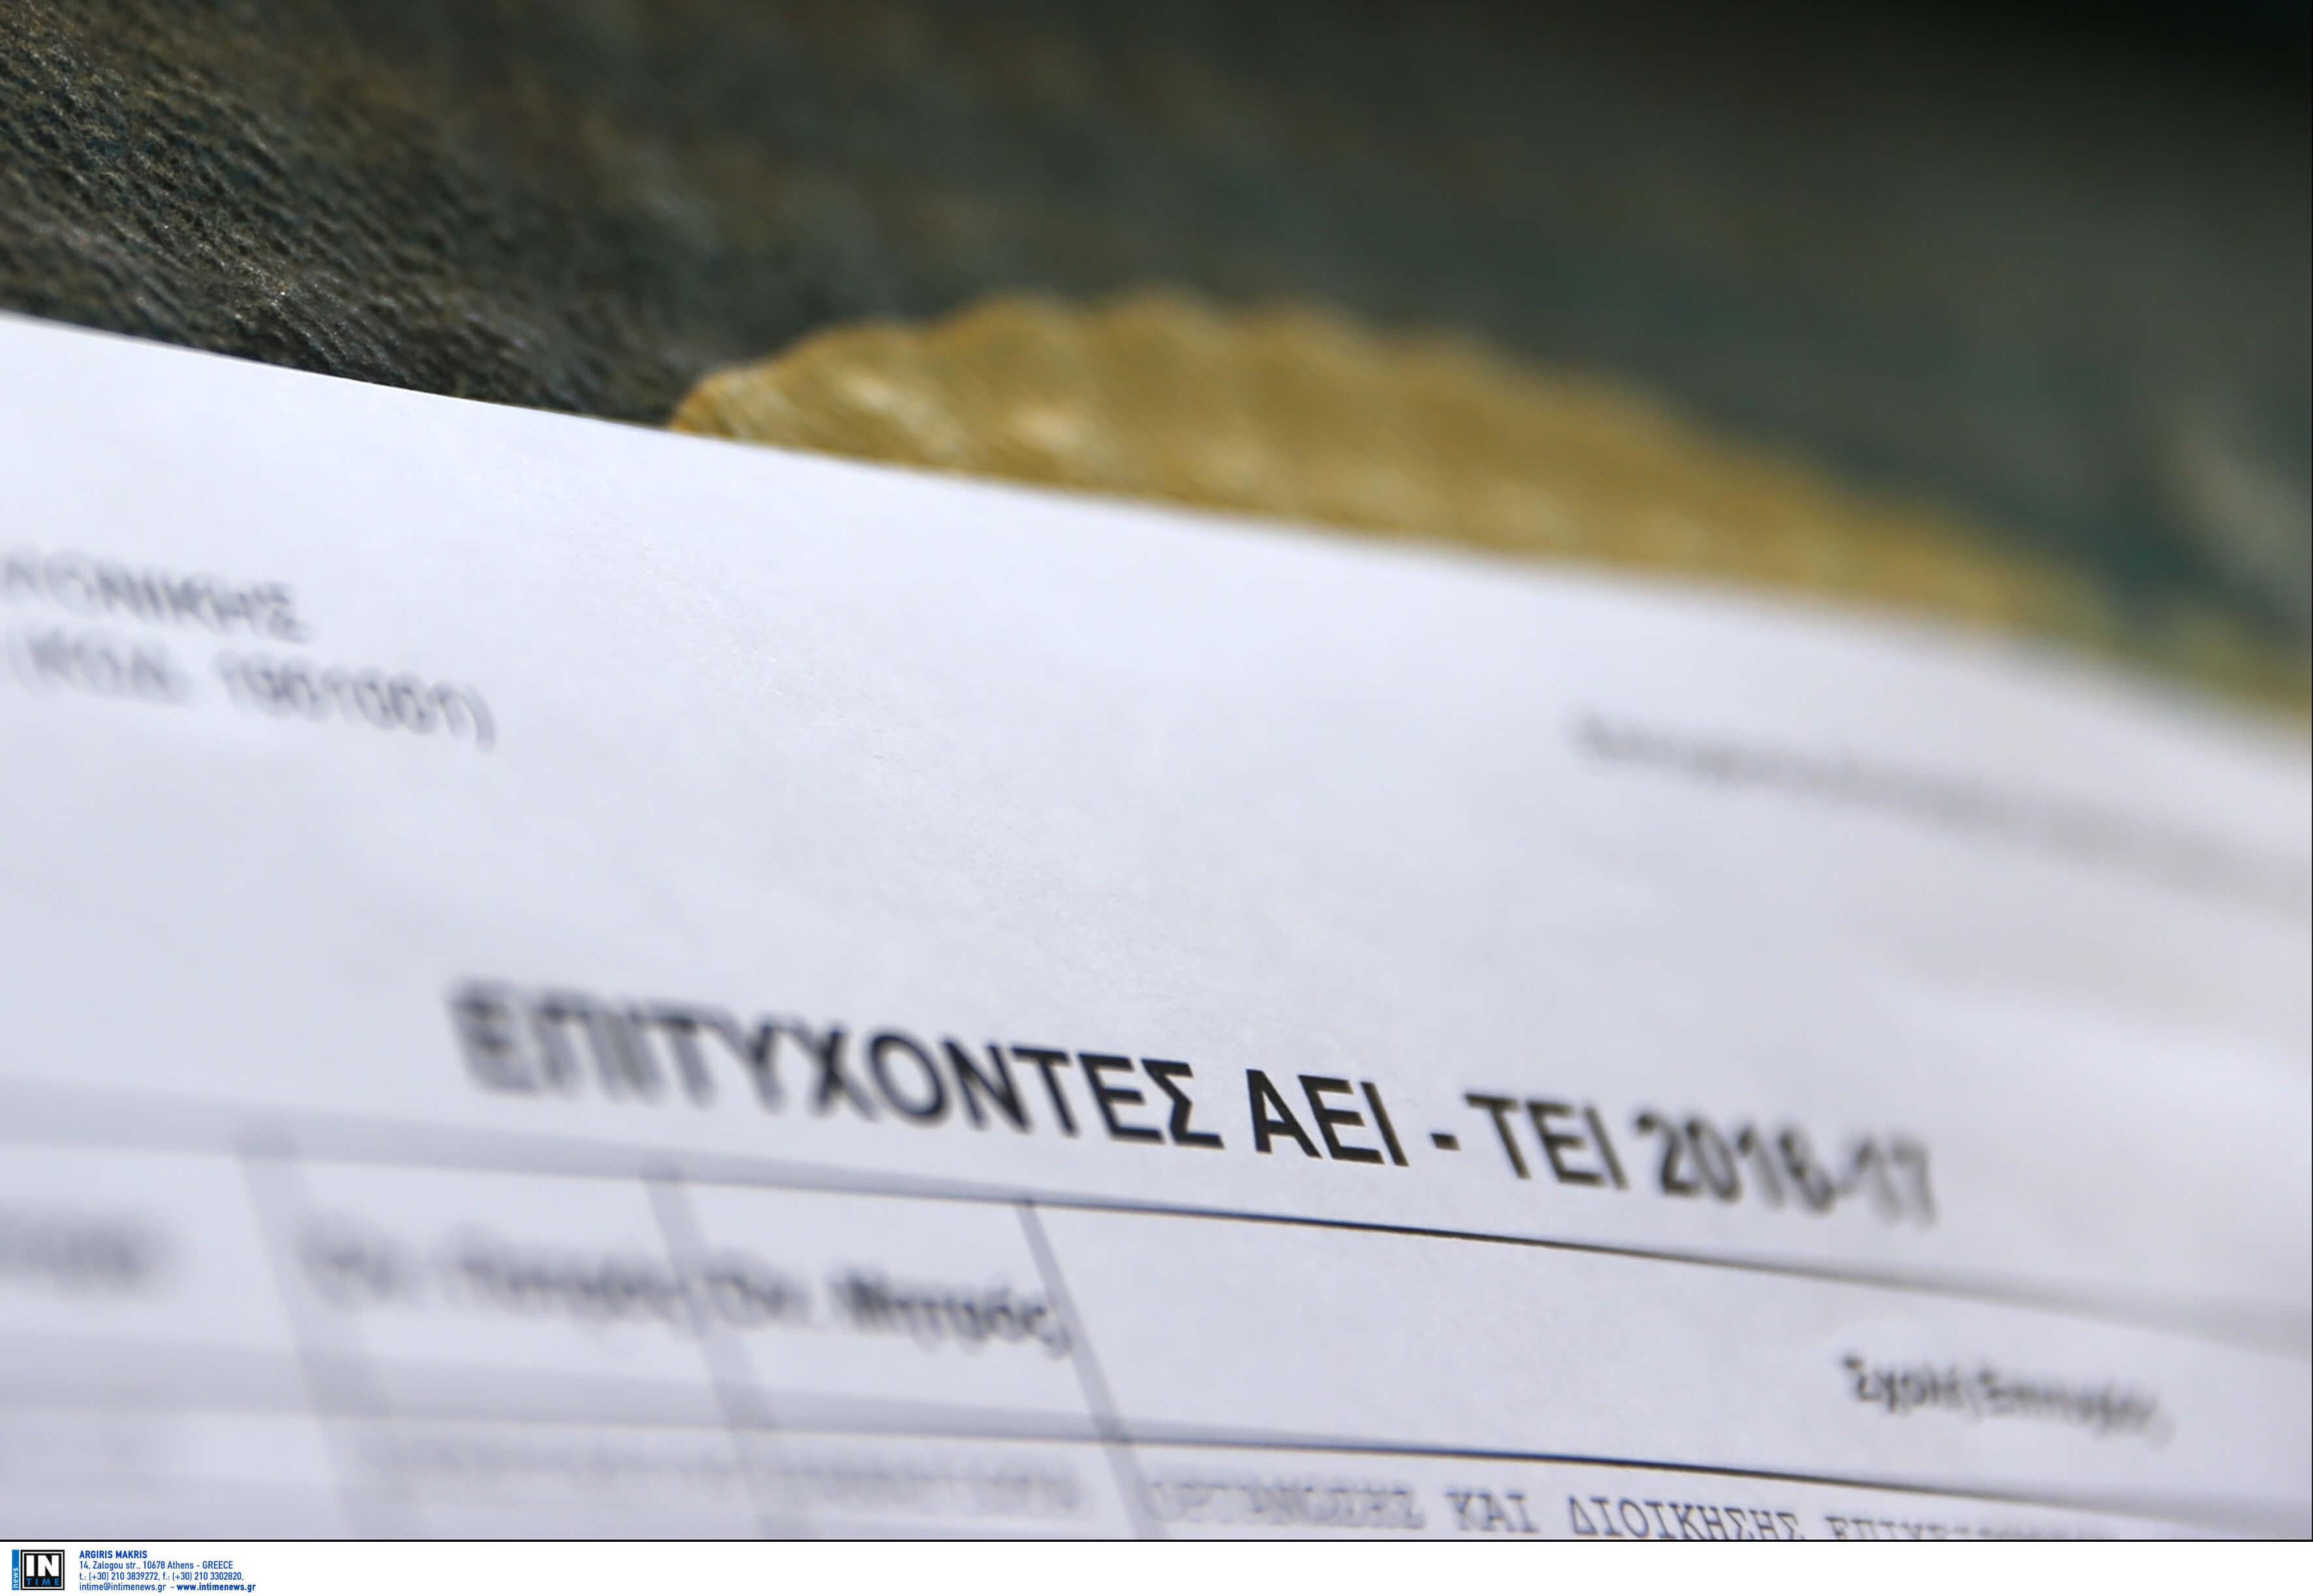 Πανελλήνιες 2019 – Αποτελέσματα πανελληνίων και στατιστικά